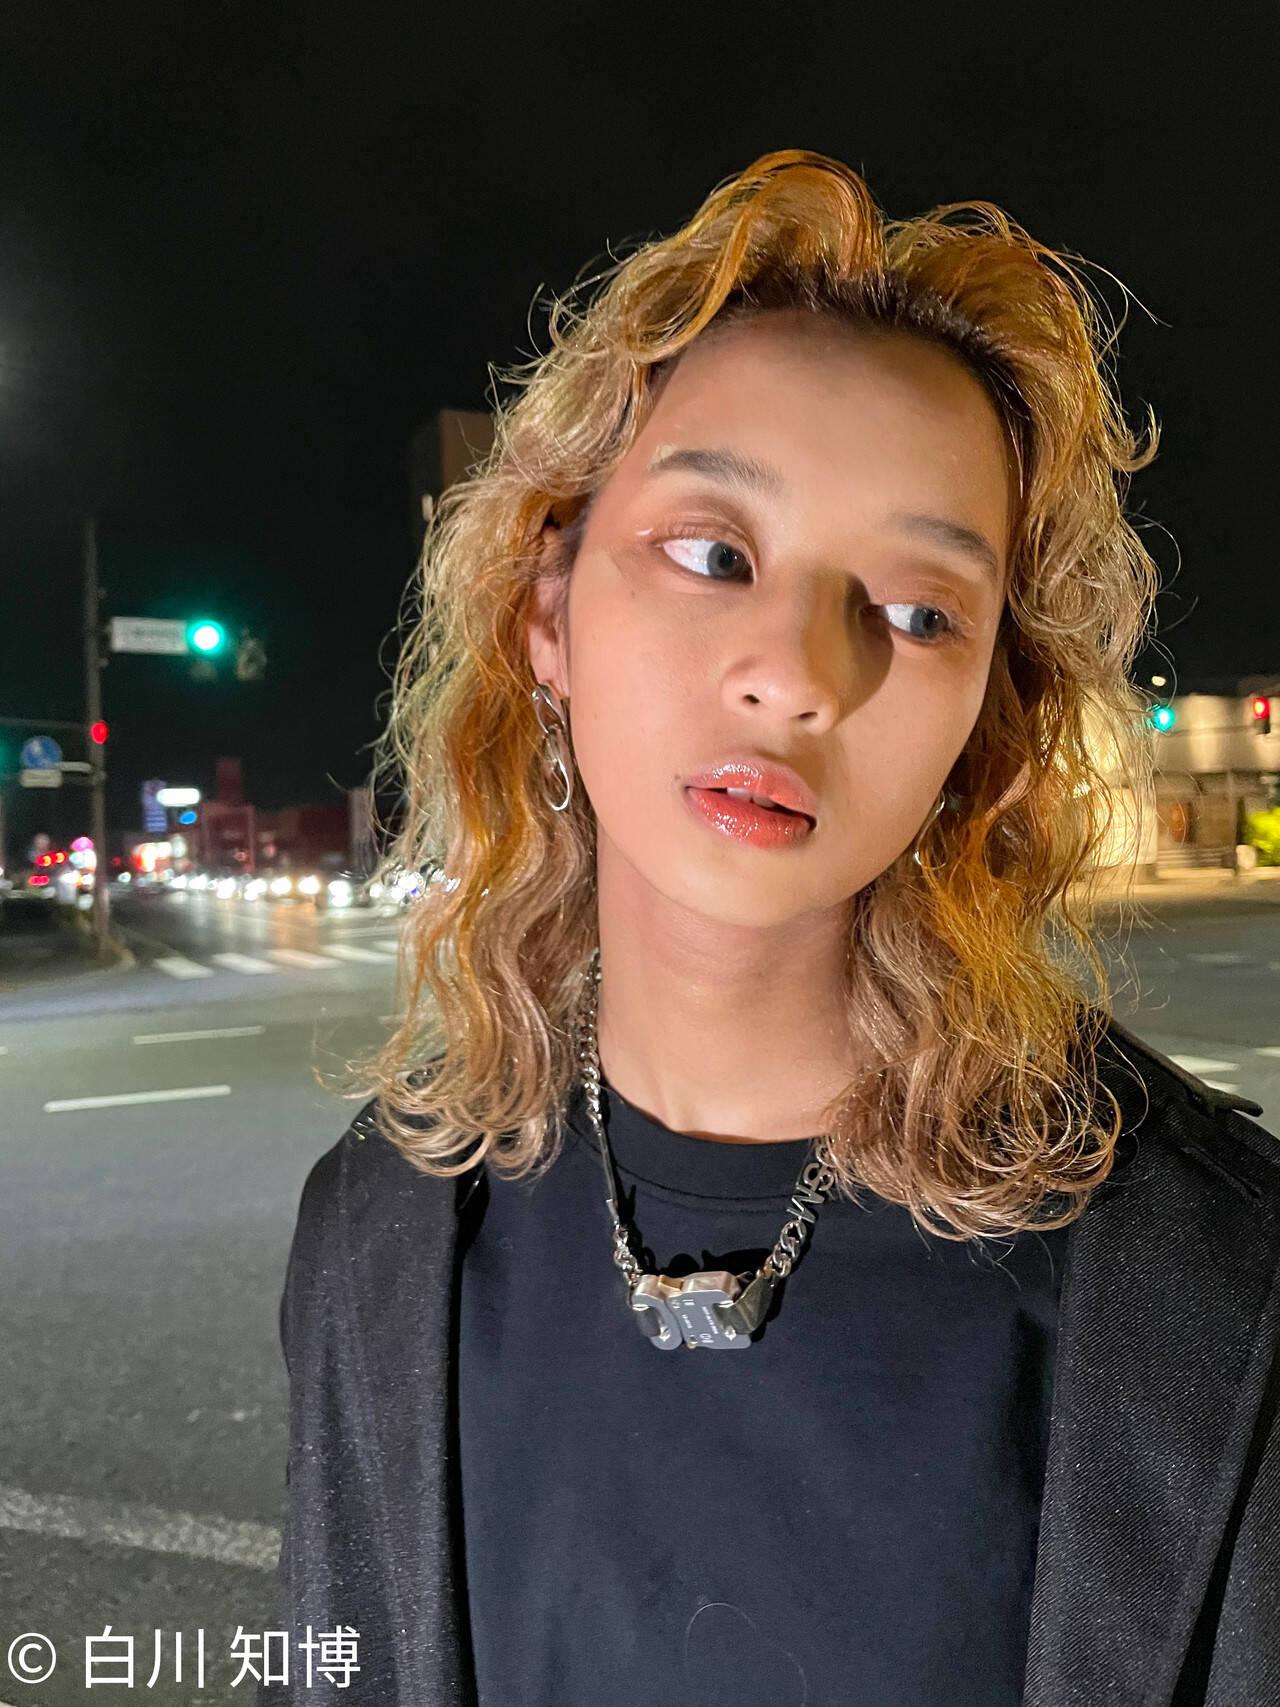 ストリート フリンジバング オレンジカラー ミディアムヘアスタイルや髪型の写真・画像